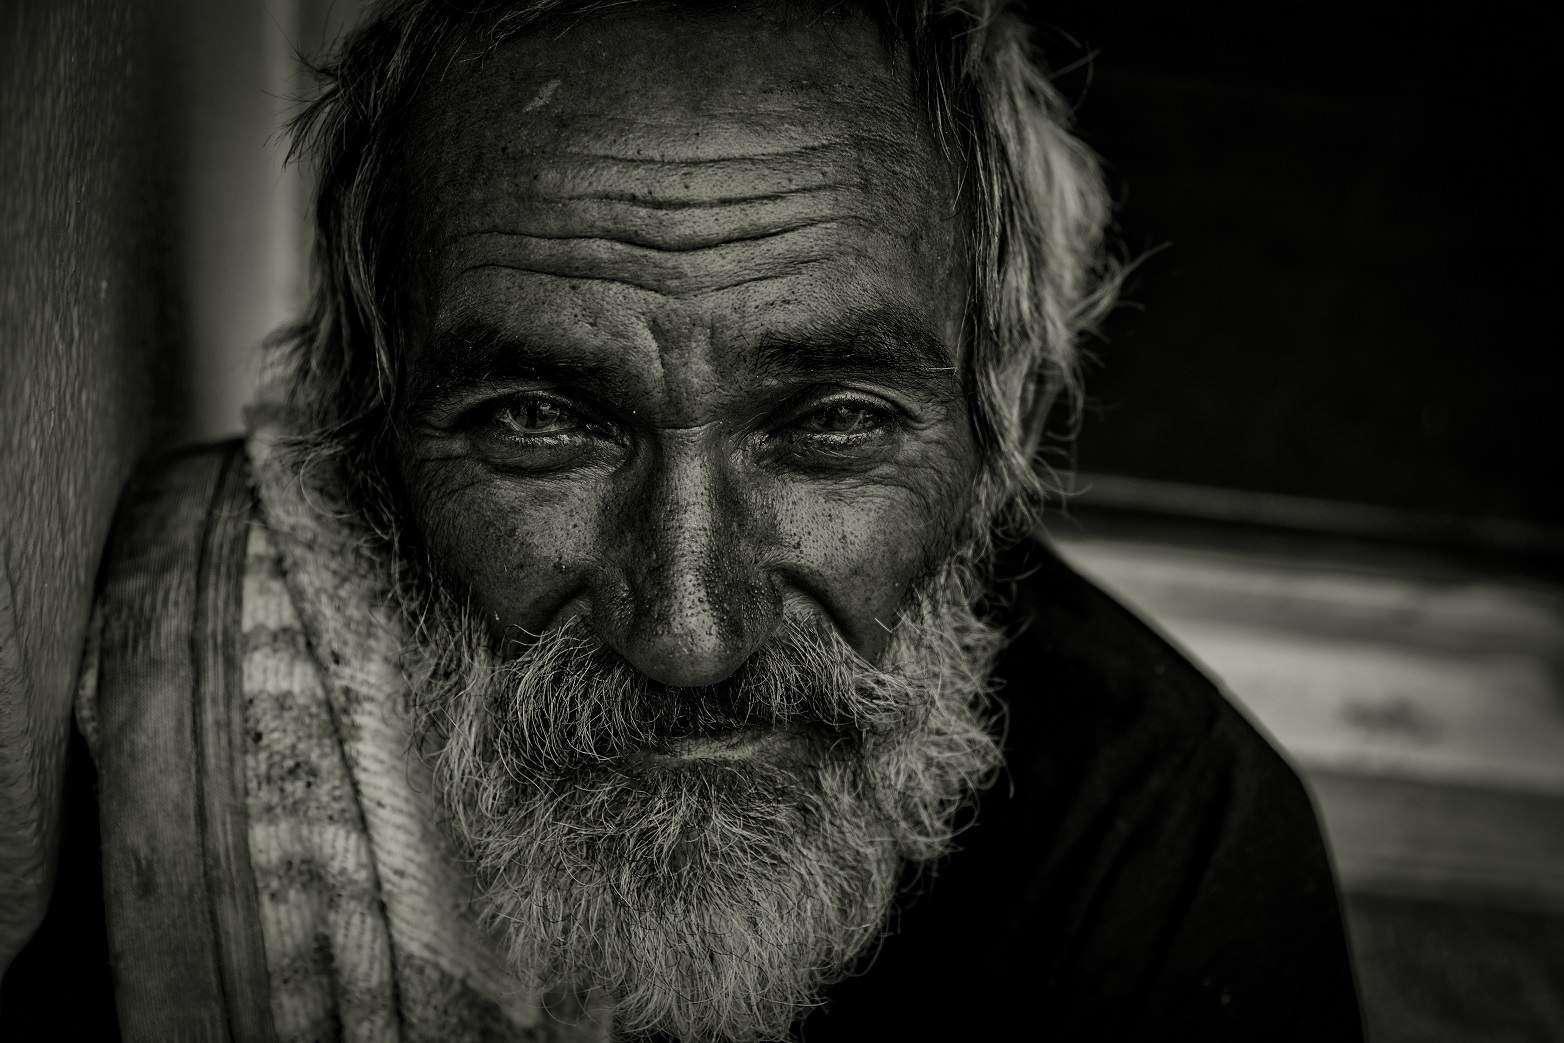 Fotógrafo mineiro Lobo Junior vai expor na França